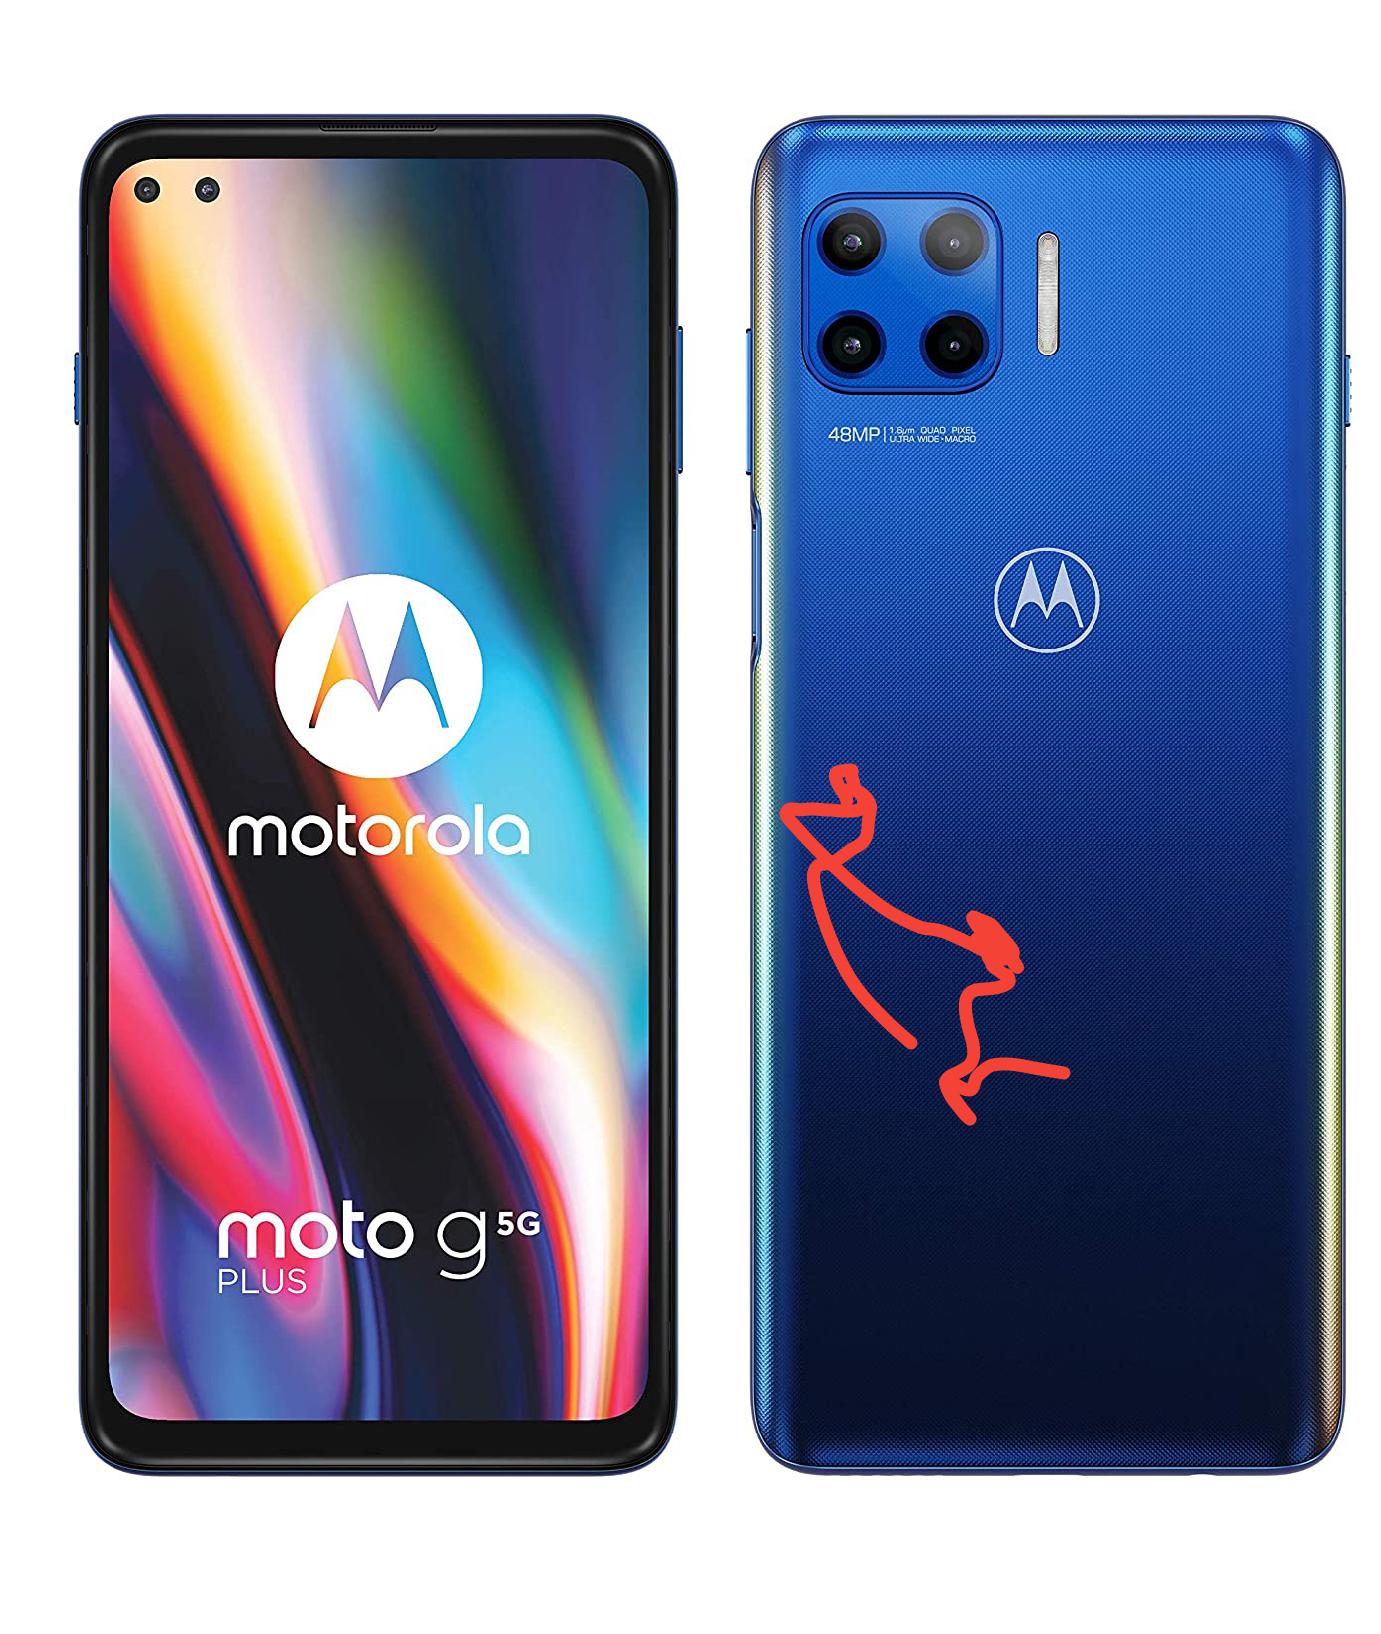 Moto g 5g plus 6gb ram 128gb £279.99 @ Motorola